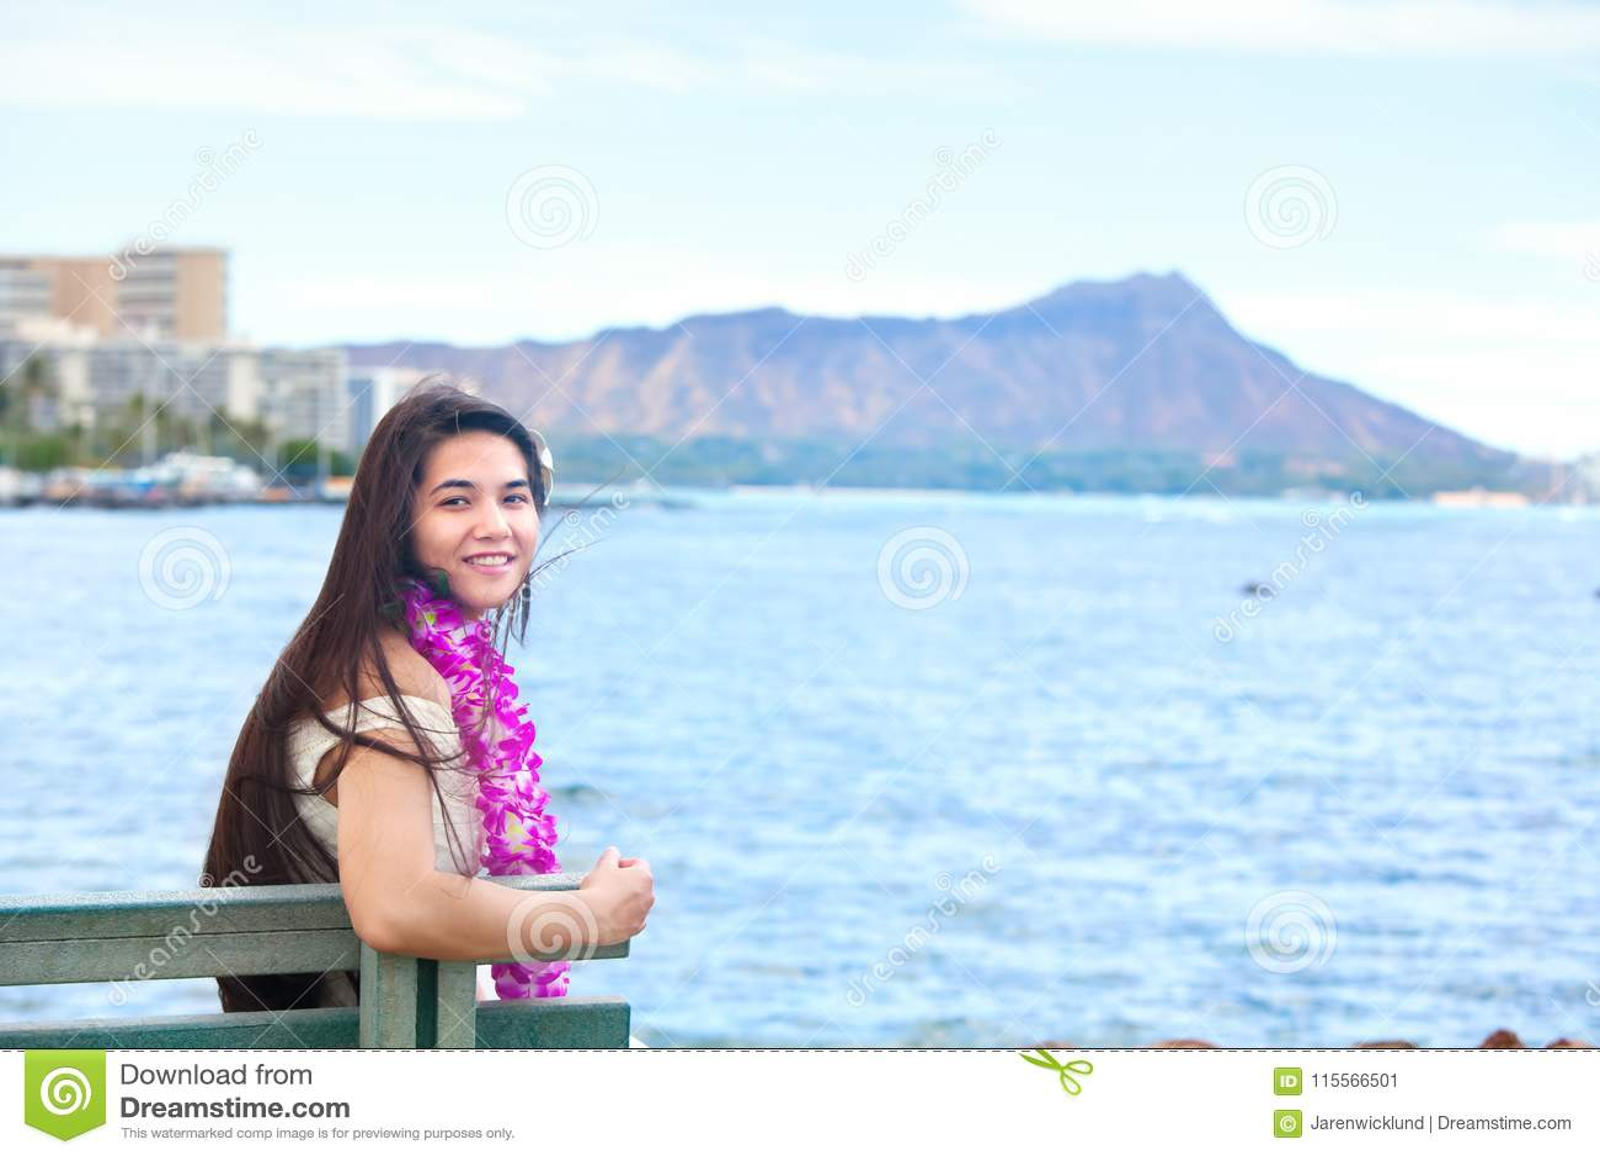 Teens hawaiians